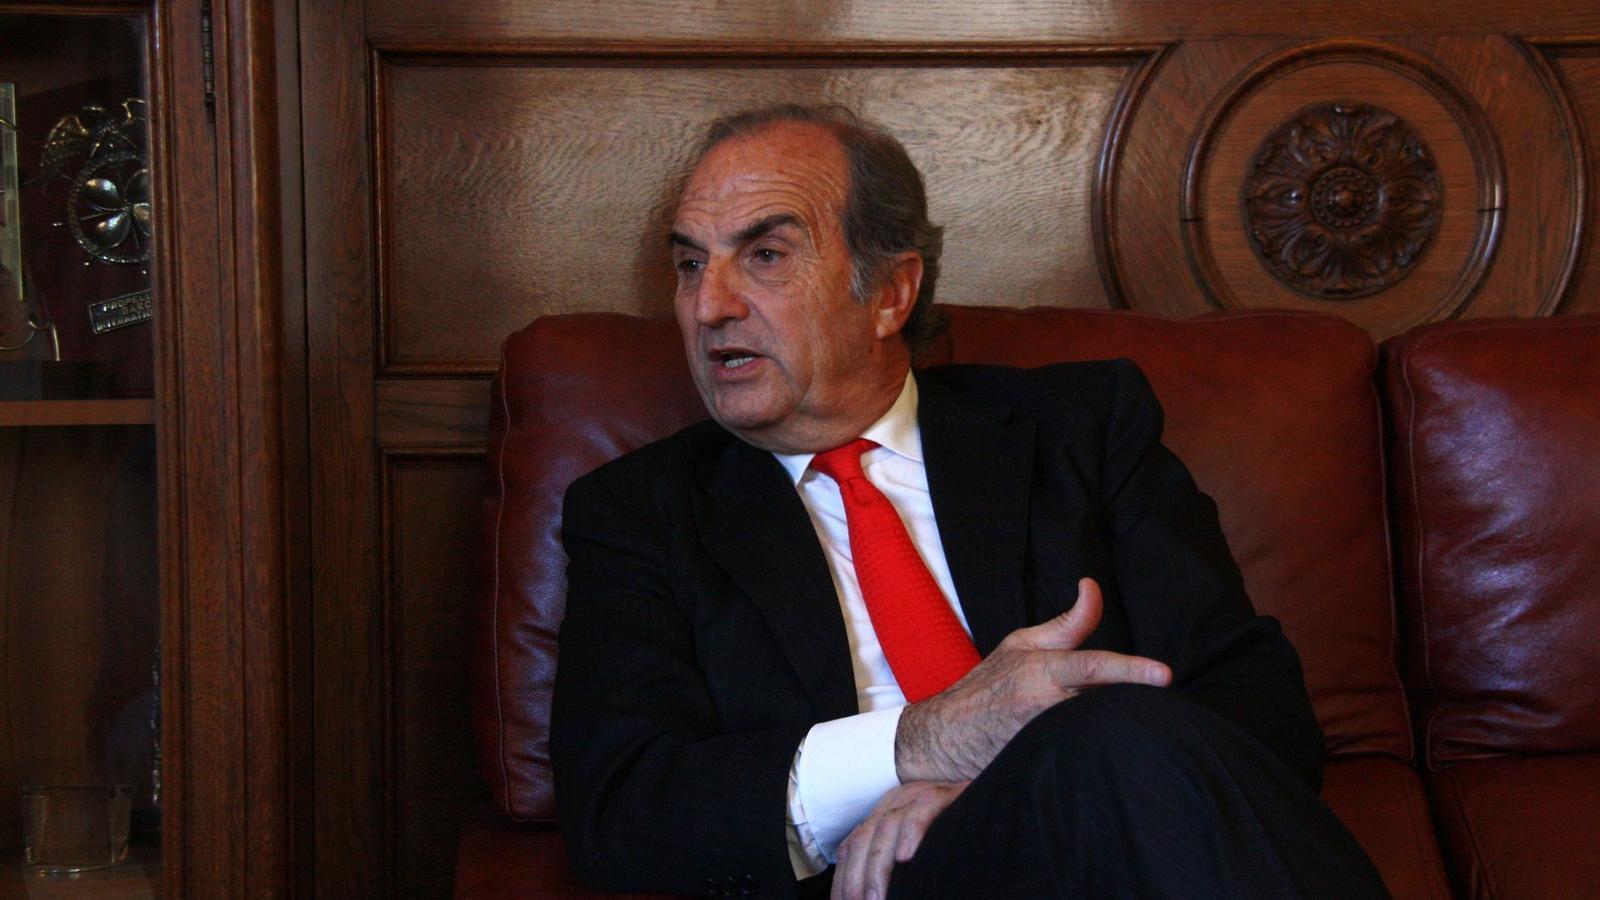 El president de Foment, Joaquim Gay de Montellà, té pressa perquè el govern espanyol demani el rescat definitiu.